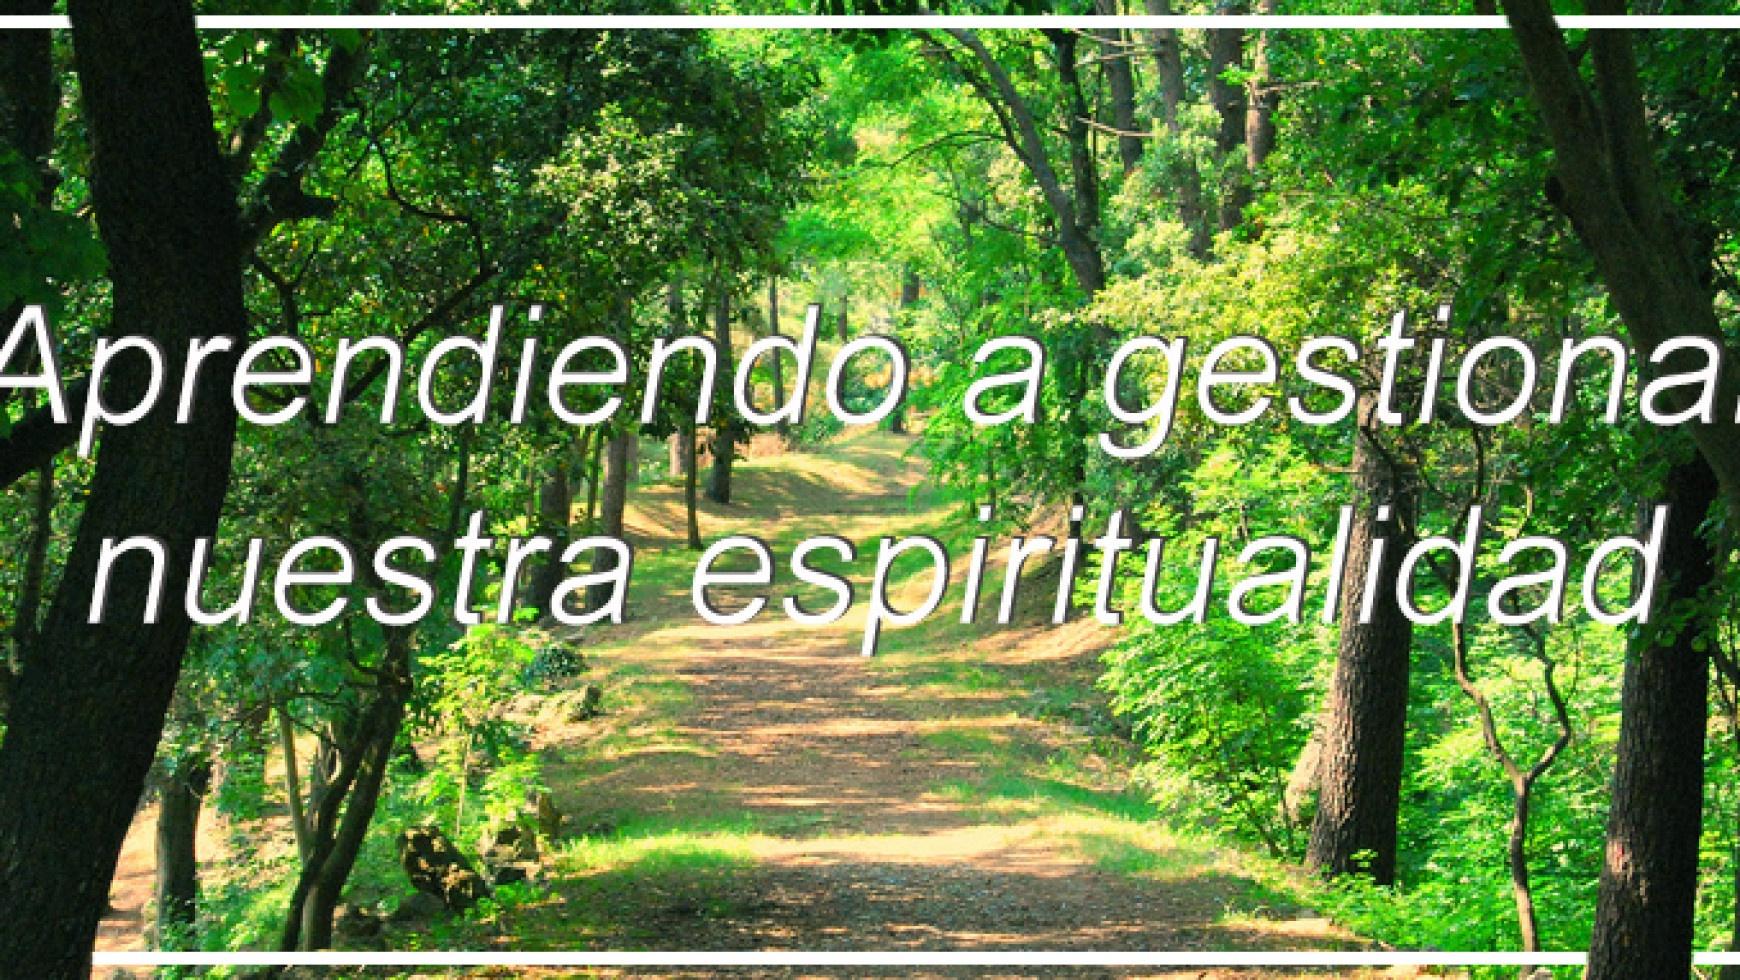 Conferencia: Aprendiendo a gestionar nuestra espiritualidad (15/11/2014)